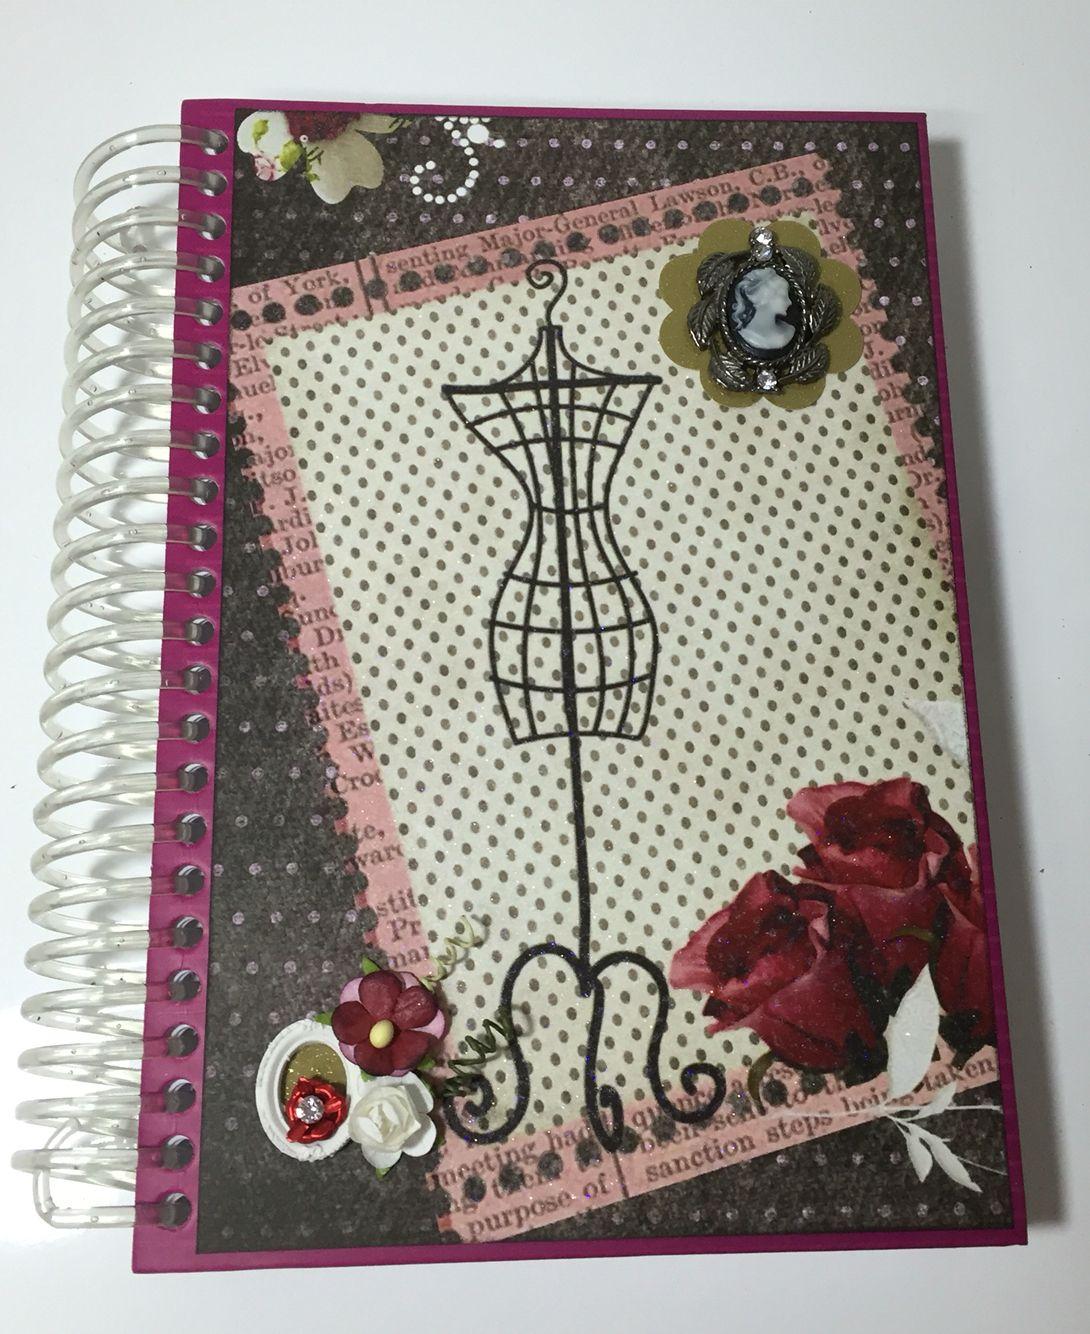 Agenda decorada com técnicas e matérias de Scrapbook